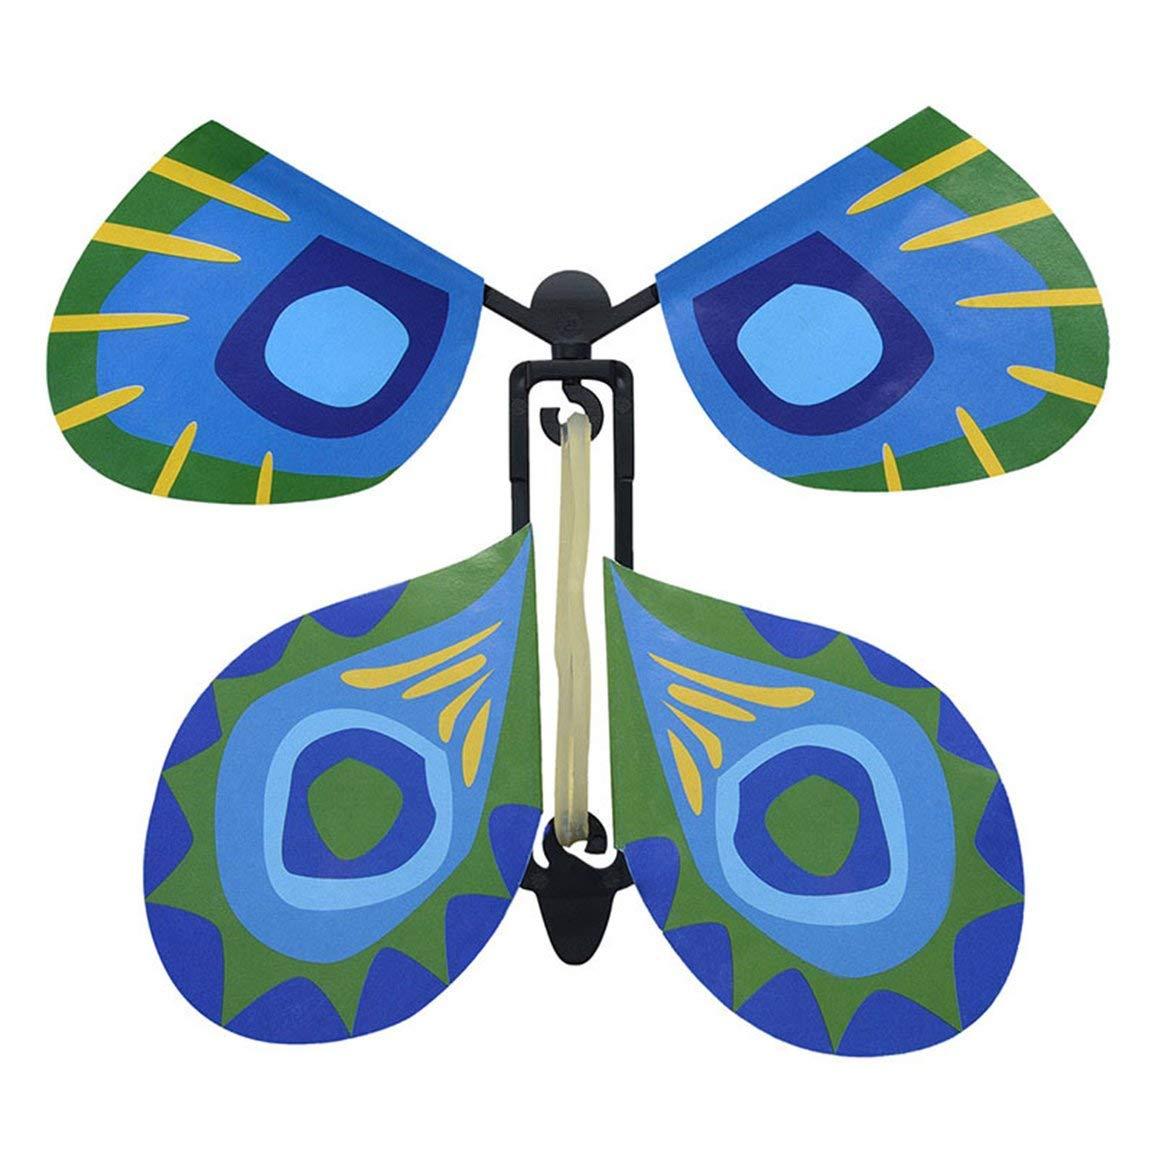 Fantasyworld Papillon Creative vol Roman Enfants des Accessoires de Magie Jouet pour Enfants Funny Games Gadgets Jouet /éducatif Couleur al/éatoire